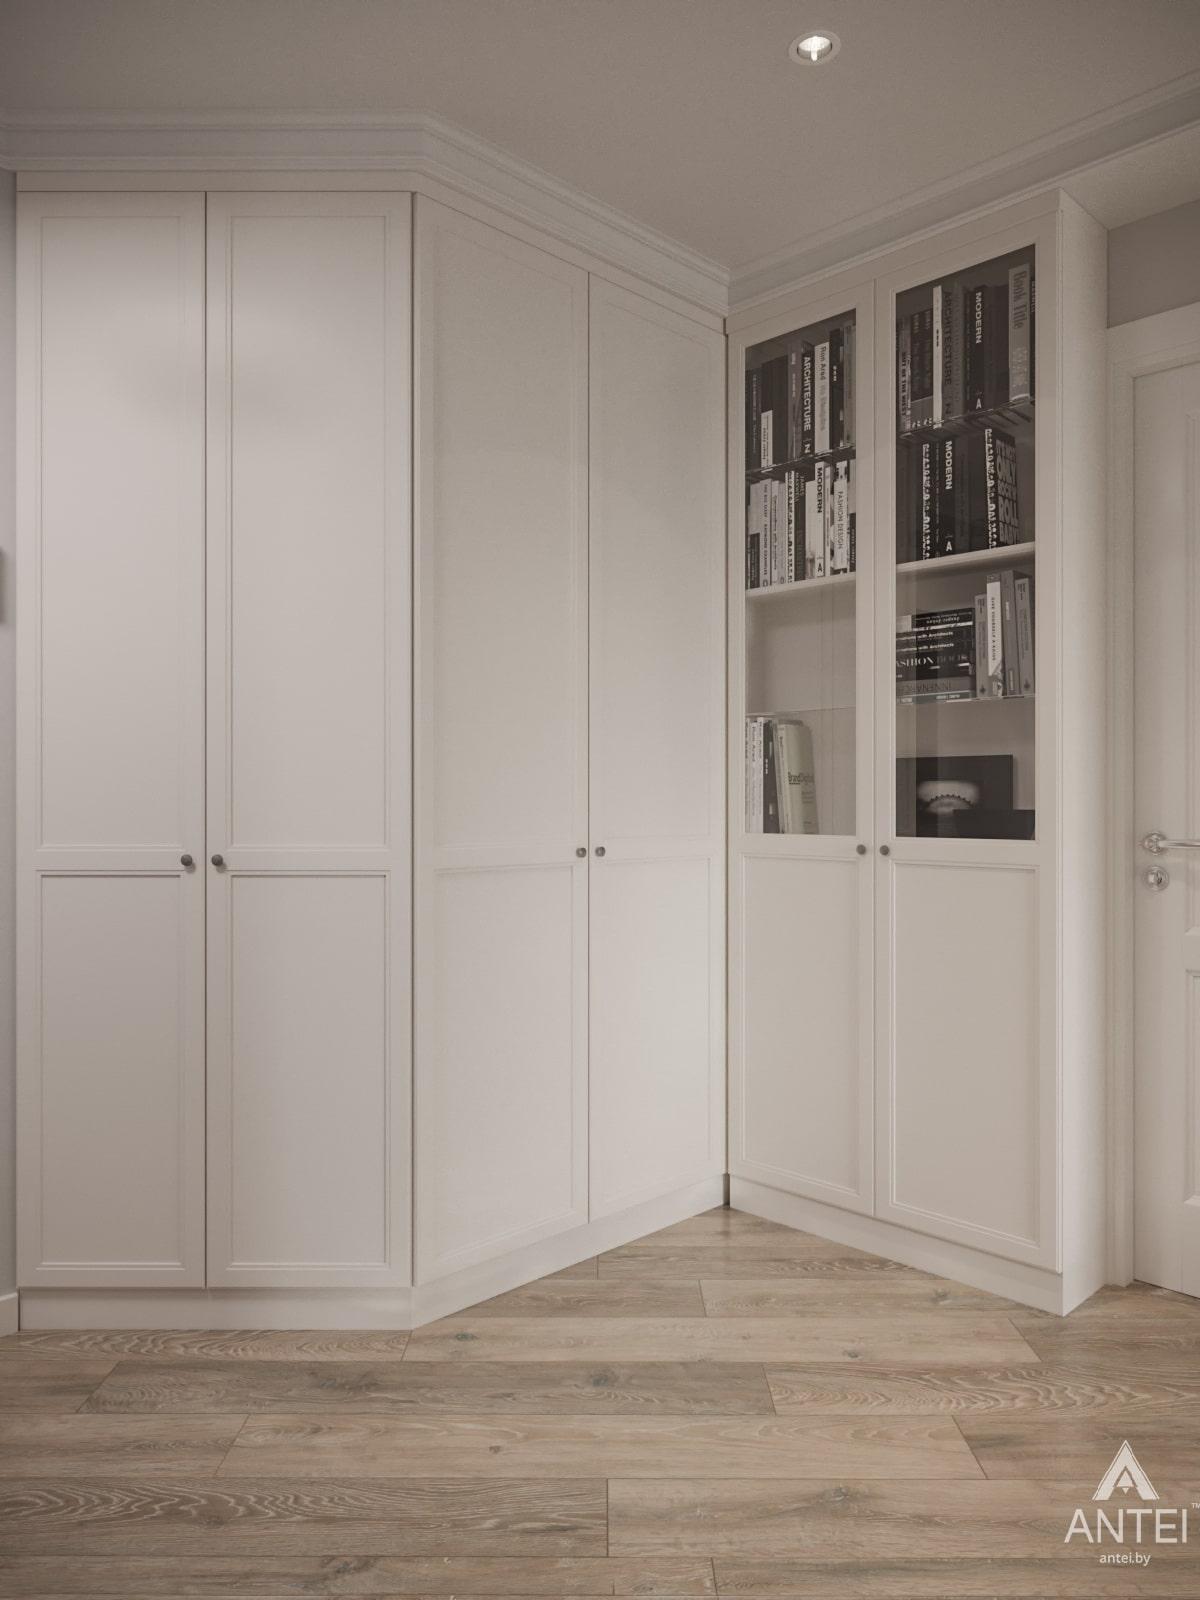 Дизайн интерьера трехкомнатной квартиры в Гомеле, ул. Бородина Т.С. - прихожая фото №3